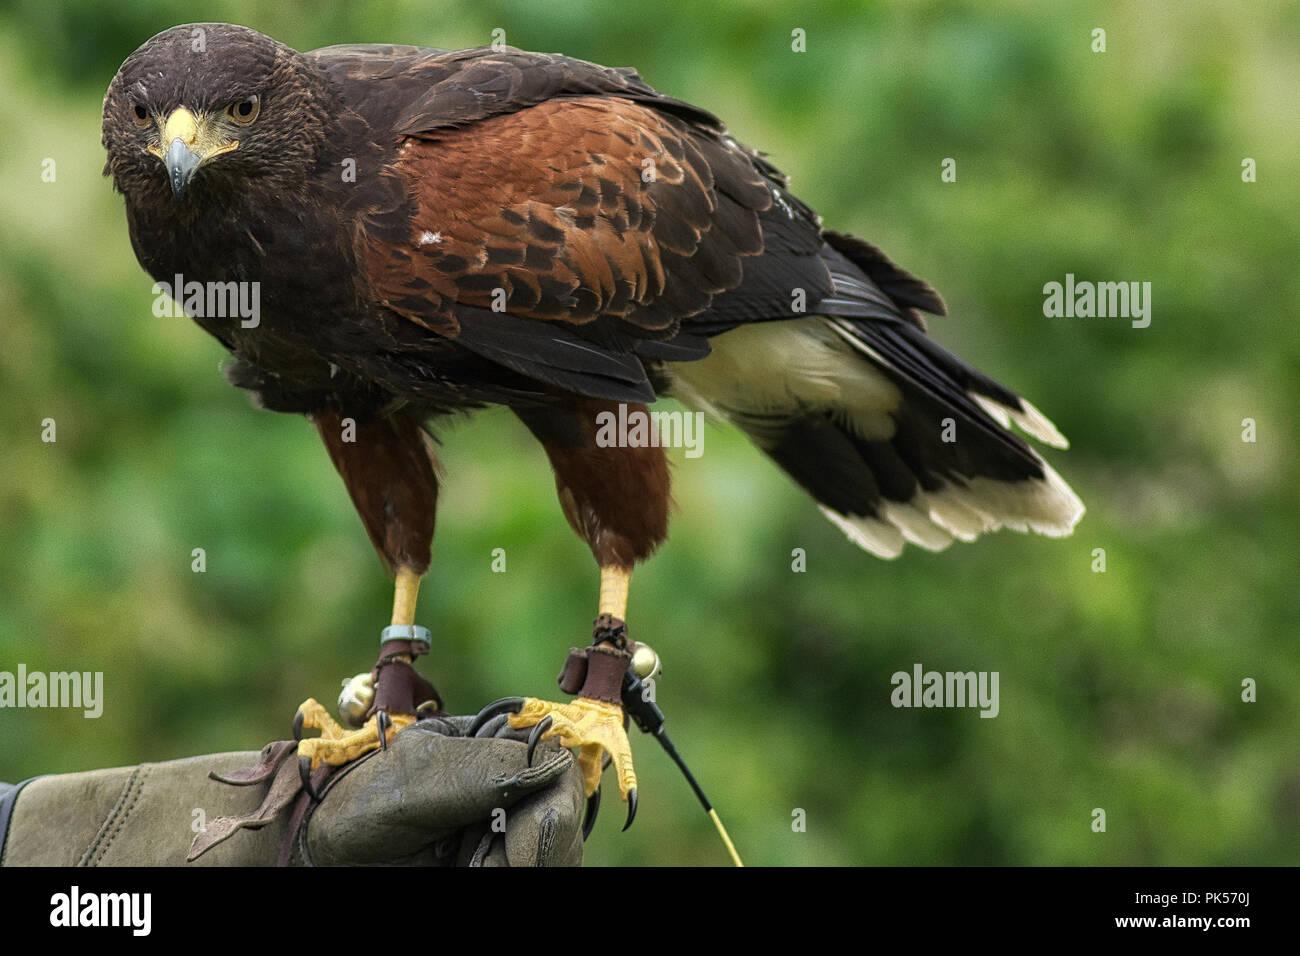 Eine Nahaufnahme des Harris hawk wie an einer Falknerei Ausstellung angezeigt Stockbild